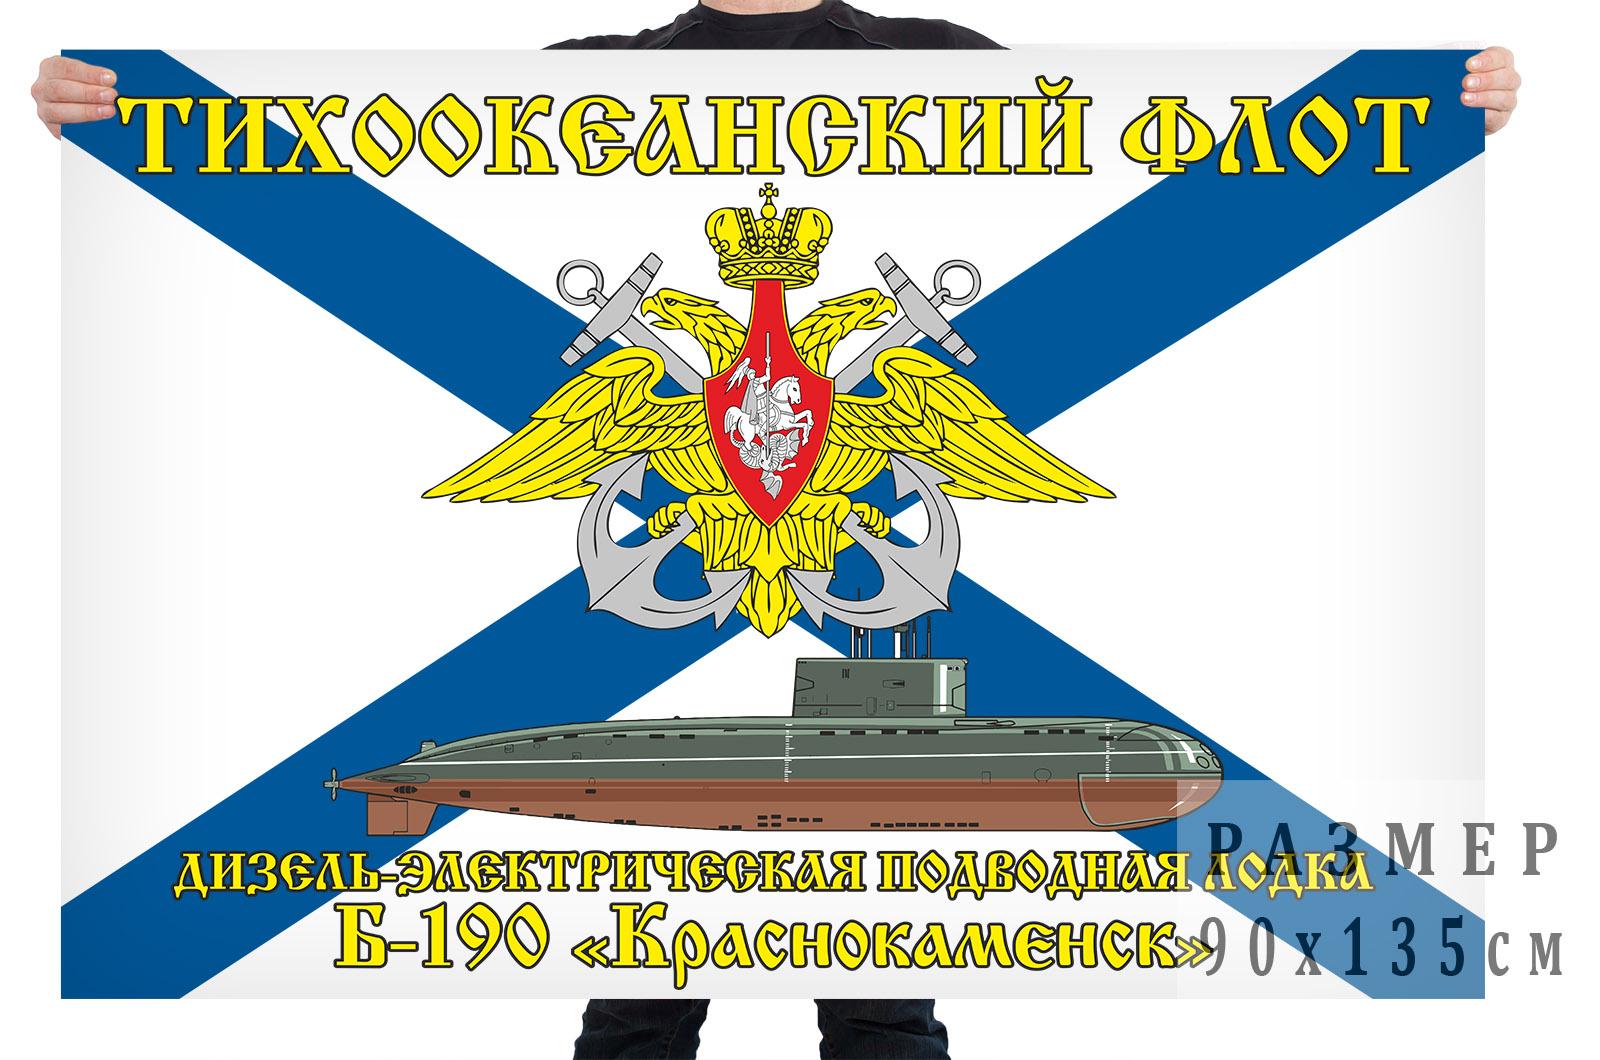 """Флаг дизель-электрической подводной лодки Б-190 """"Краснокаменск"""""""